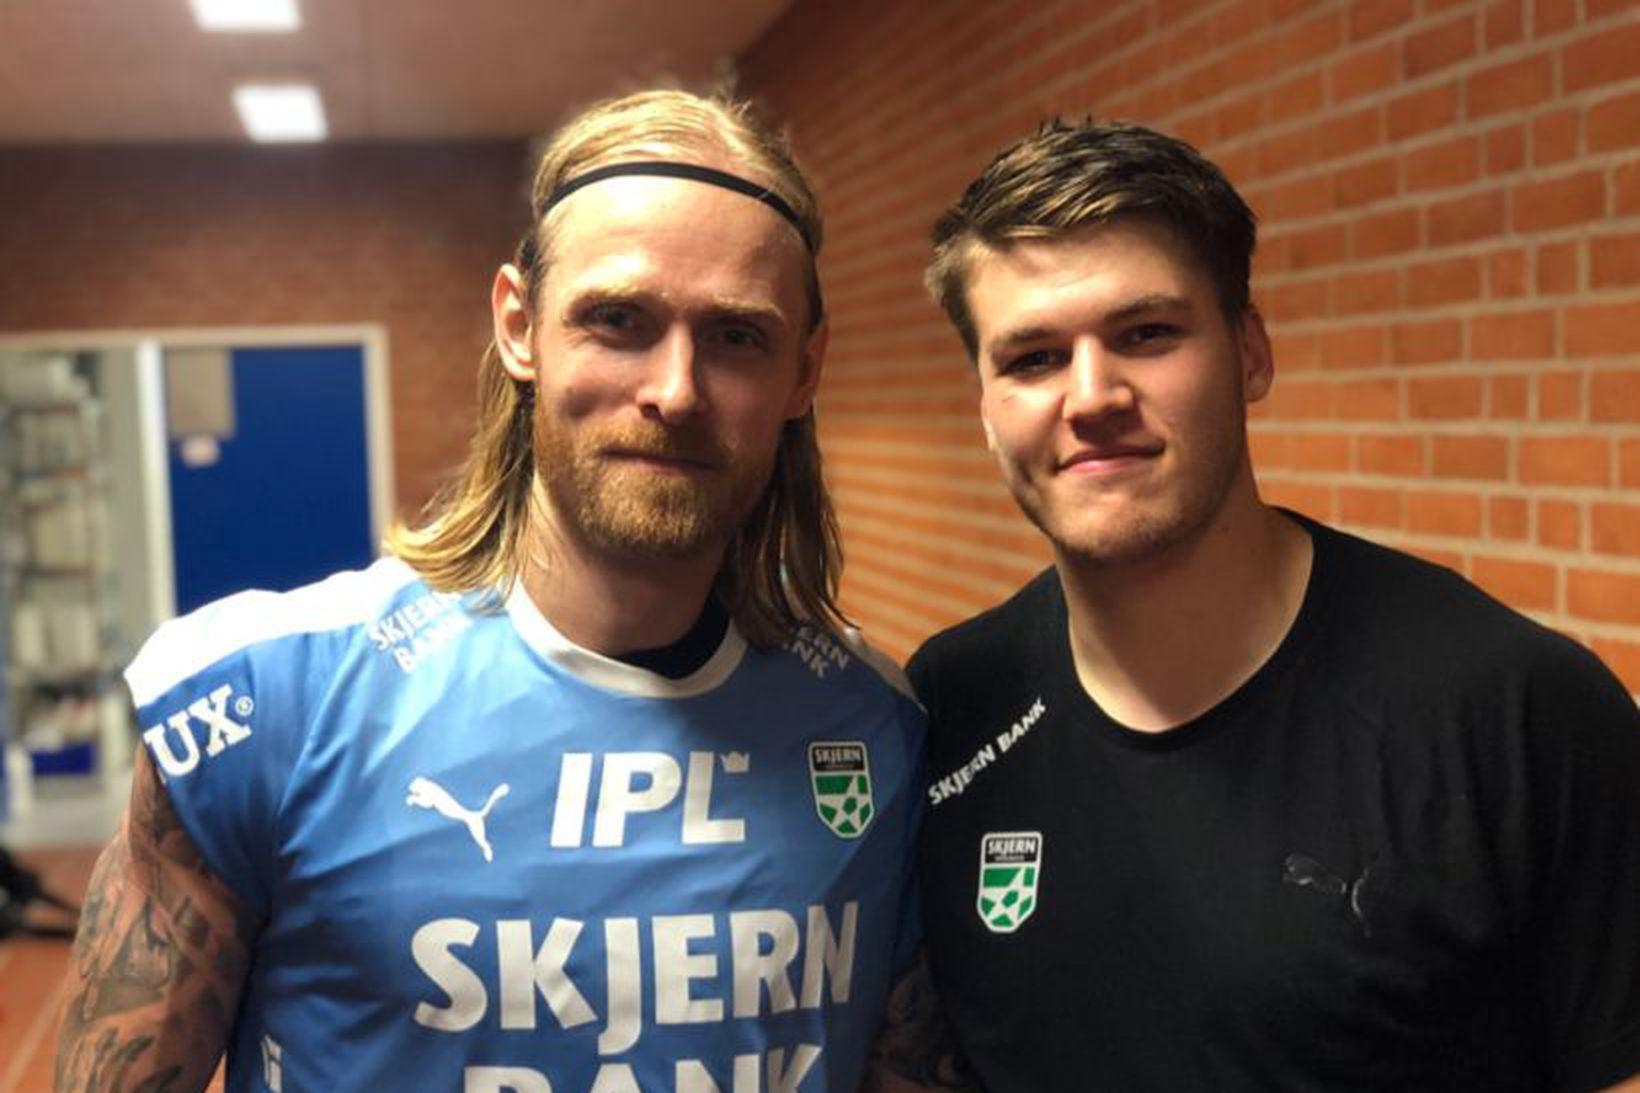 Björgvin Páll og Elvar Örn kátir eftir leik.